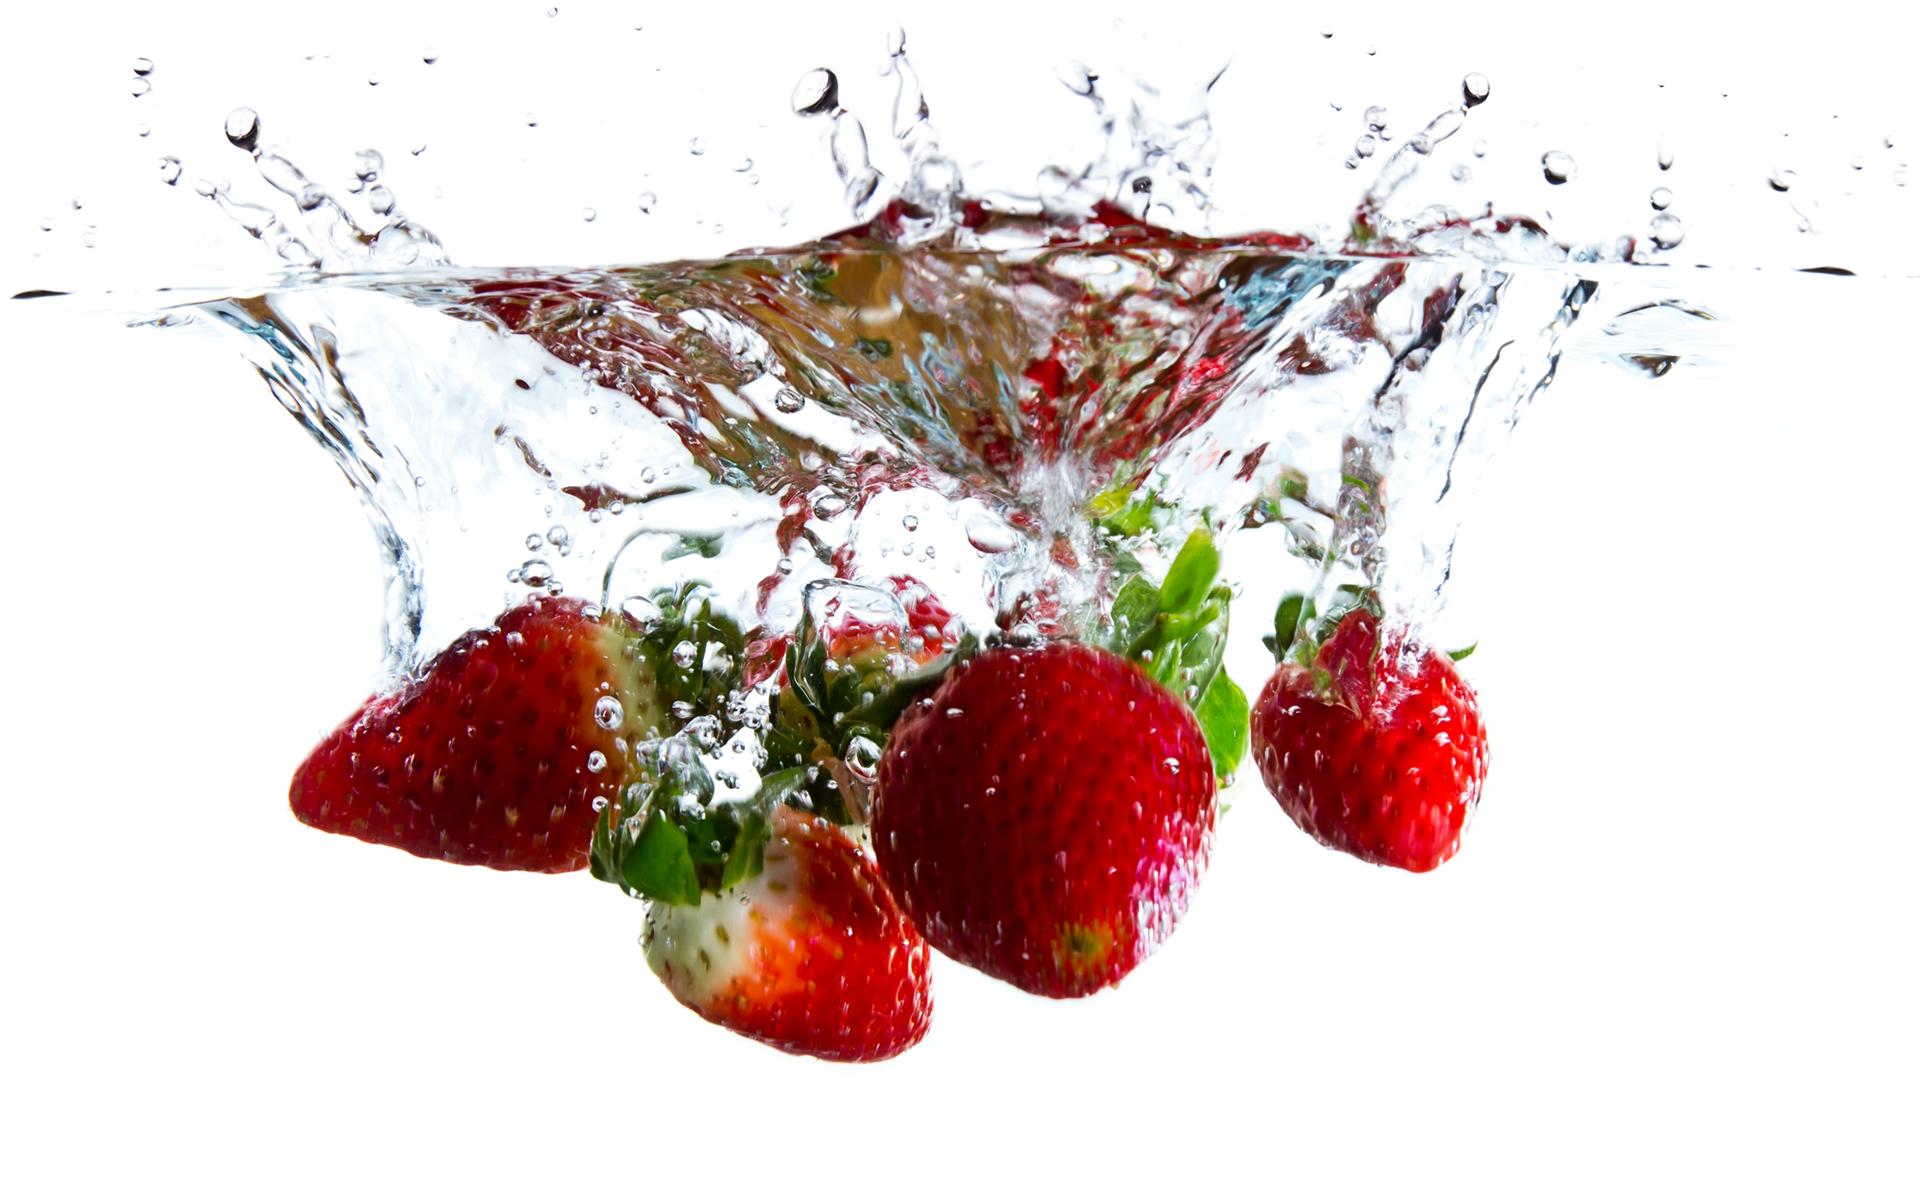 Strawberry Water Splash - Fruit Water Splash, Transparent background PNG HD thumbnail